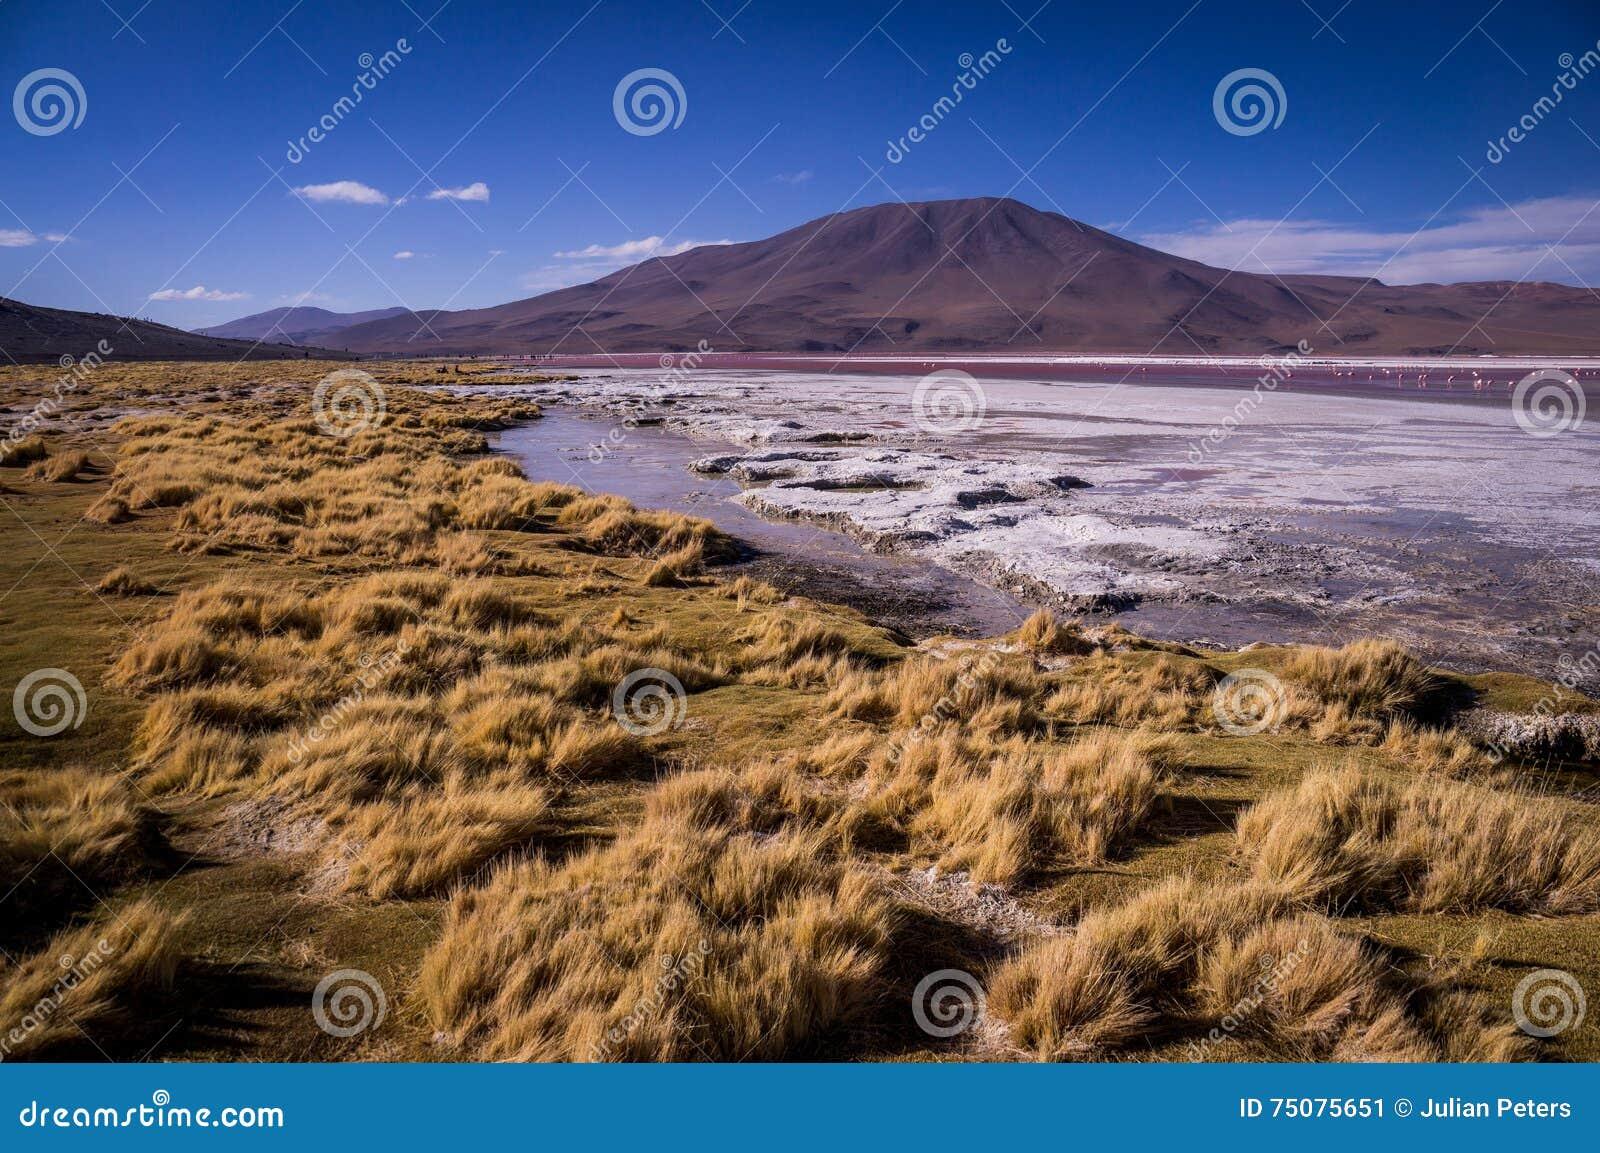 Laguna Colorada auf Bolivianer Altiplano